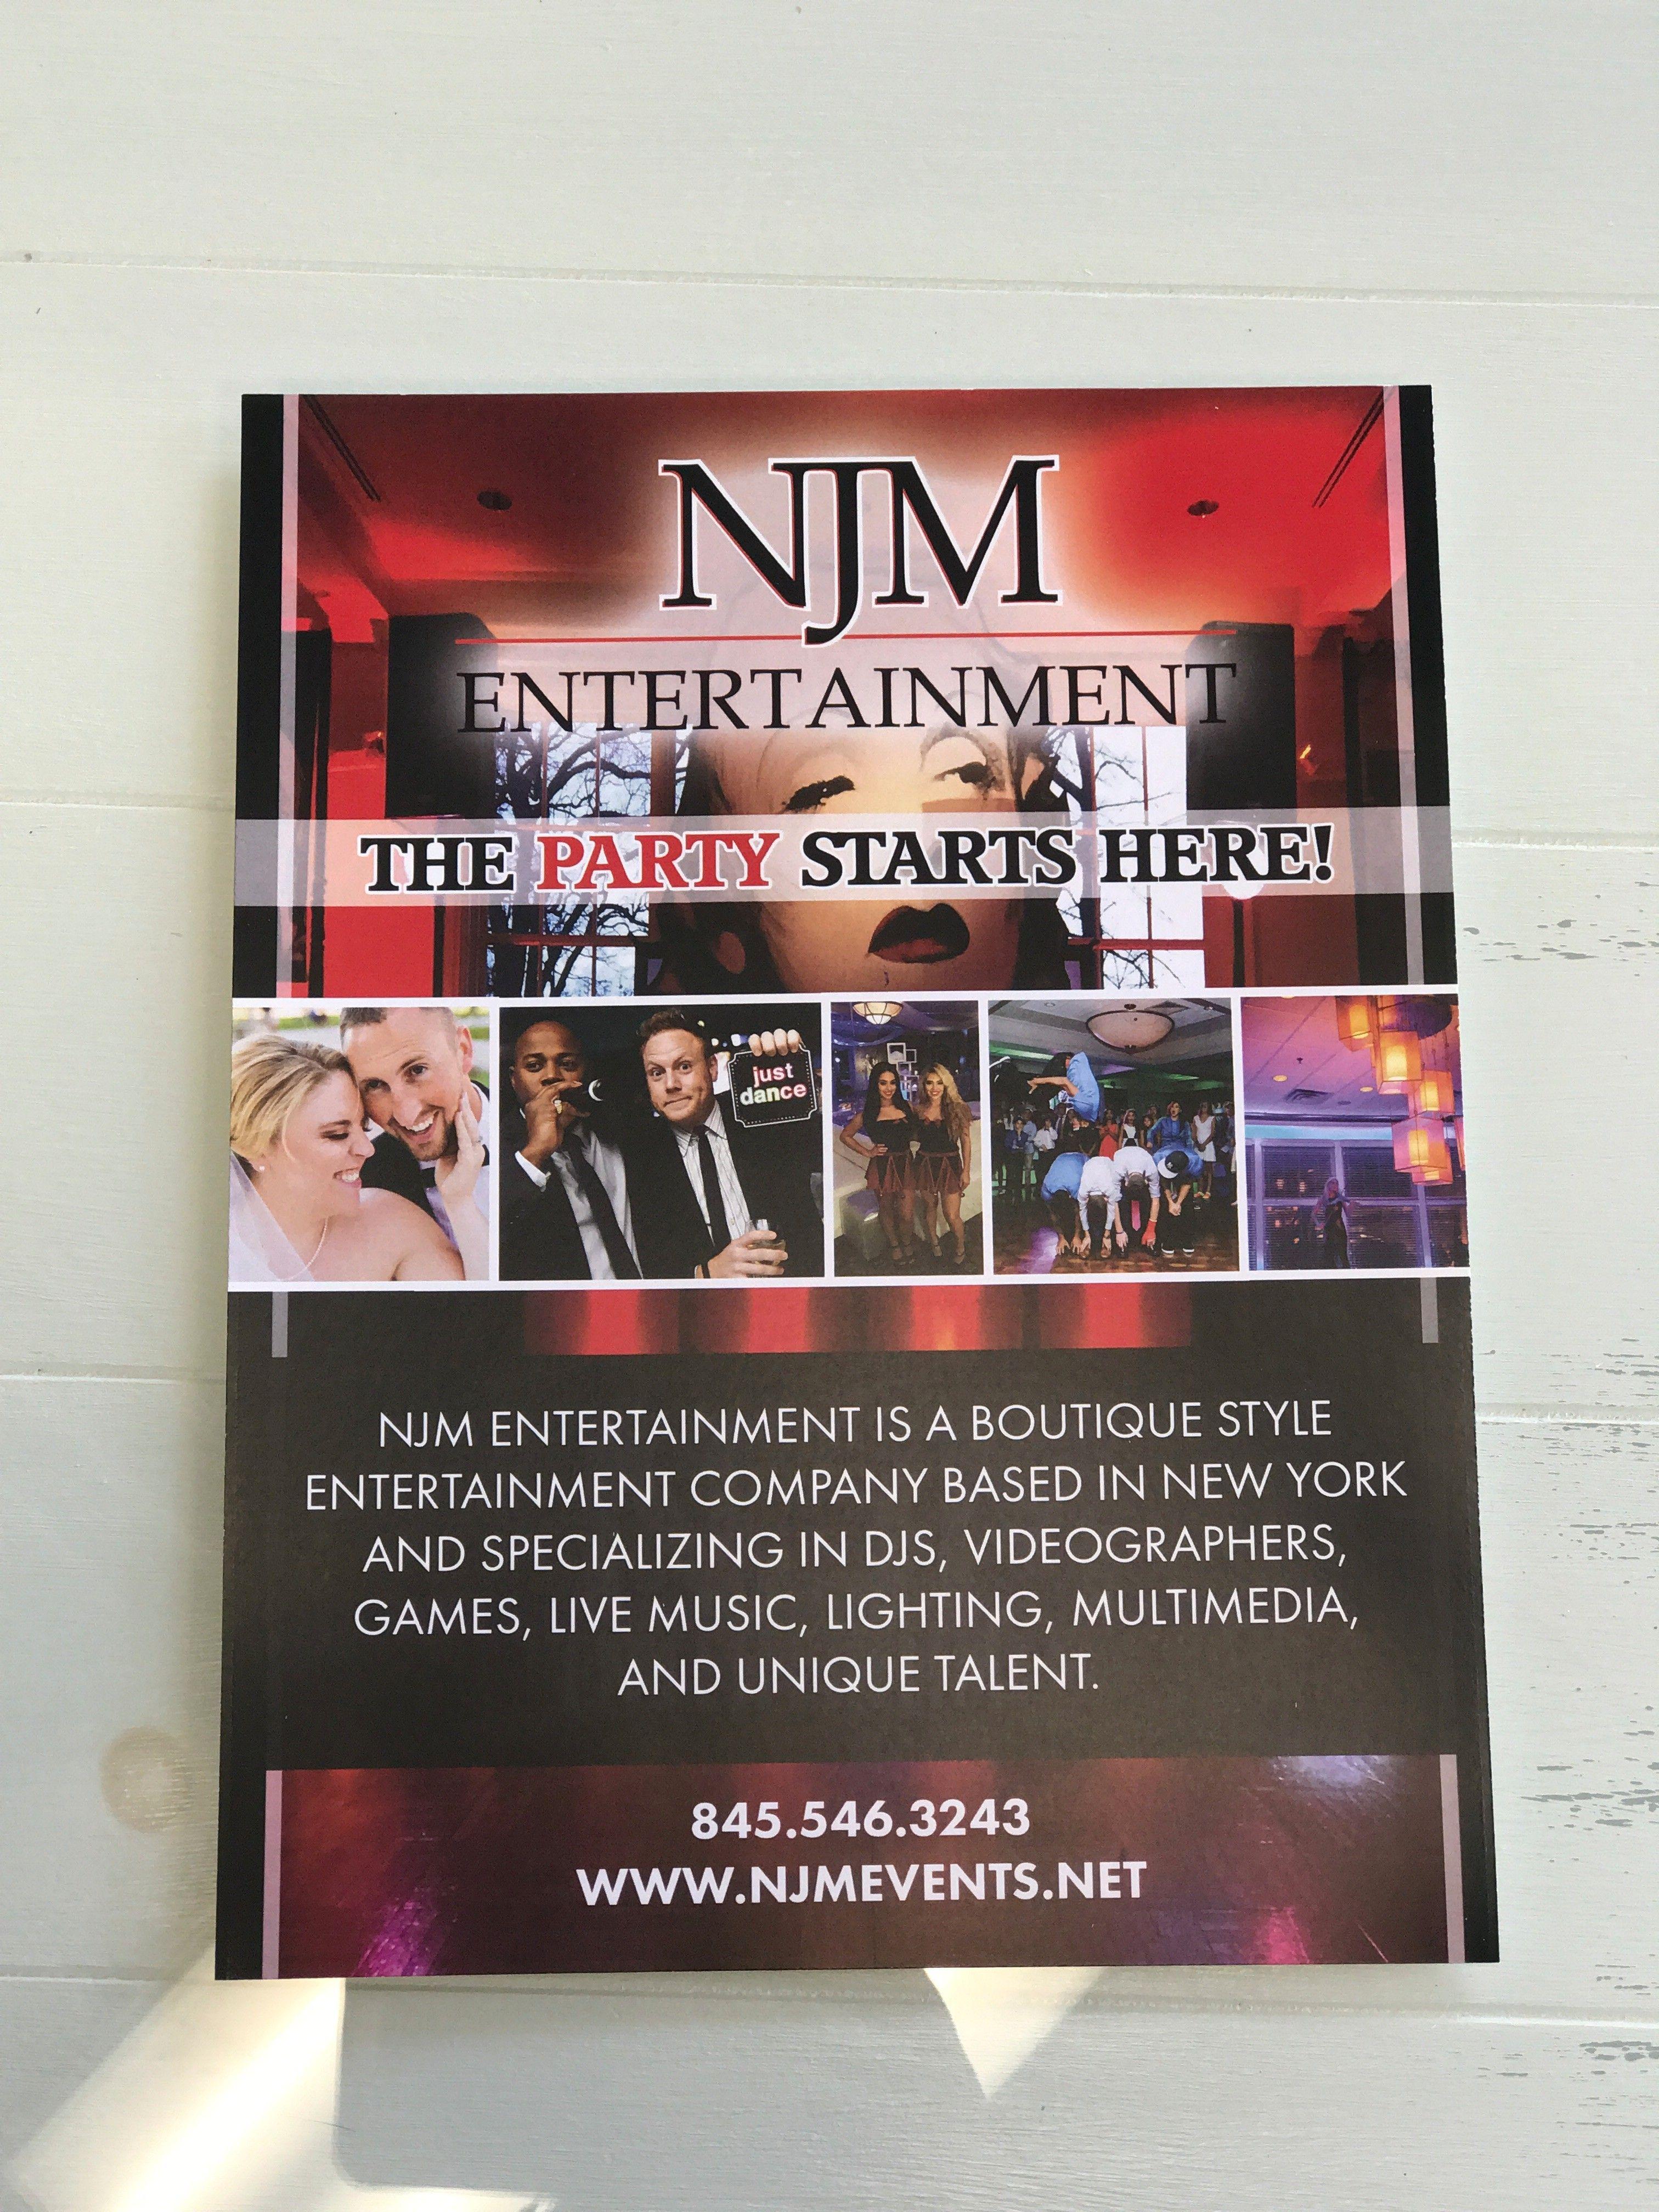 NJM Entertainment